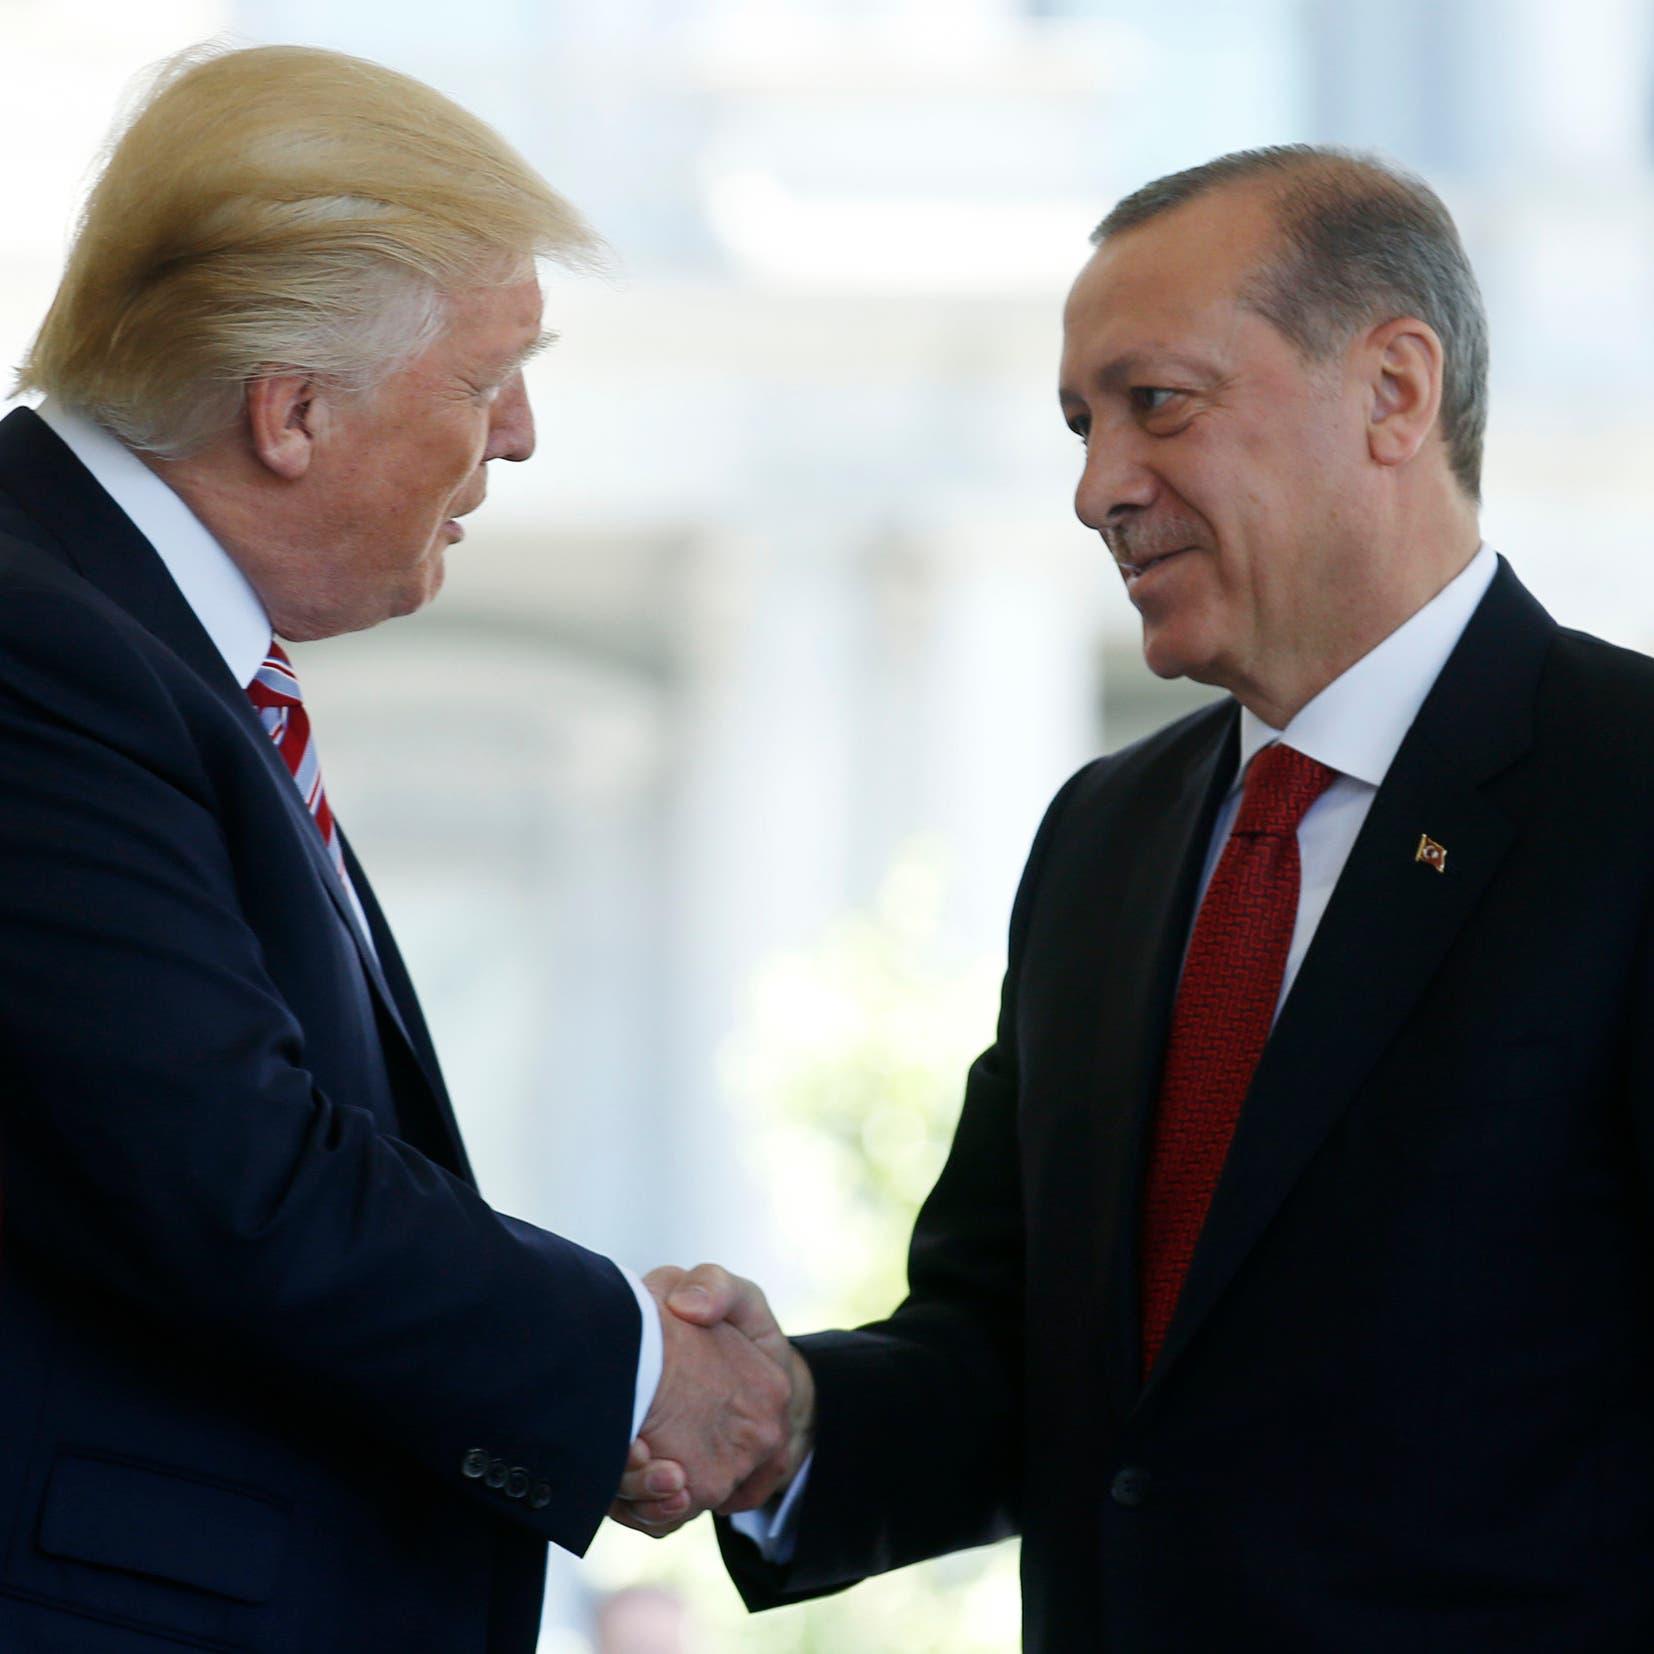 وسط معارضة من أعضاء بالكونغرس.. أردوغان يلتقي ترمب اليوم